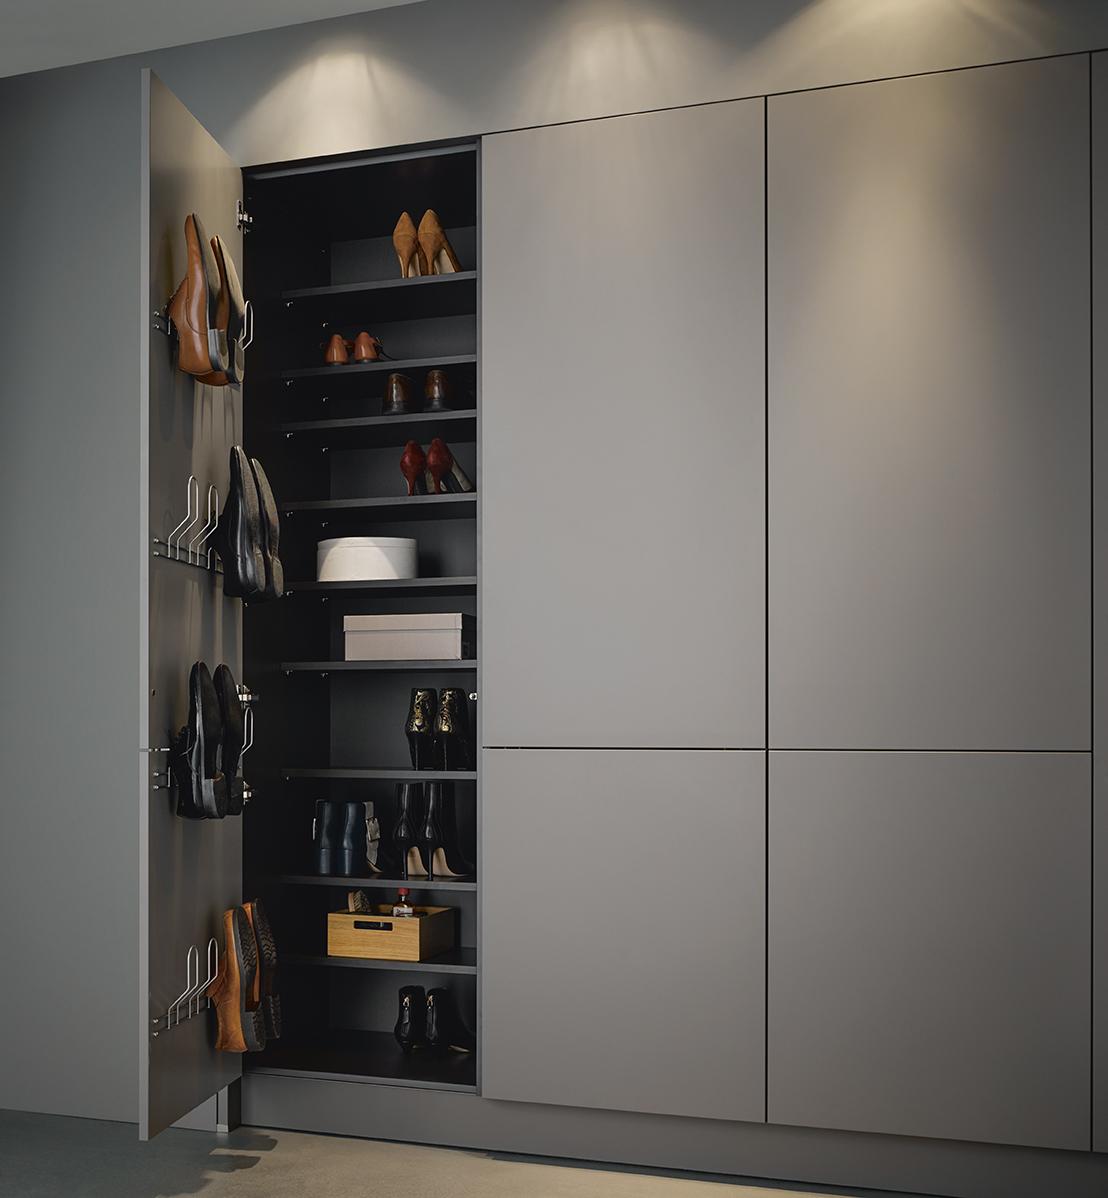 next125 kast voor hal met geintegreerde schoenenkast passend bij keuken #bijkeuken #hal #kast